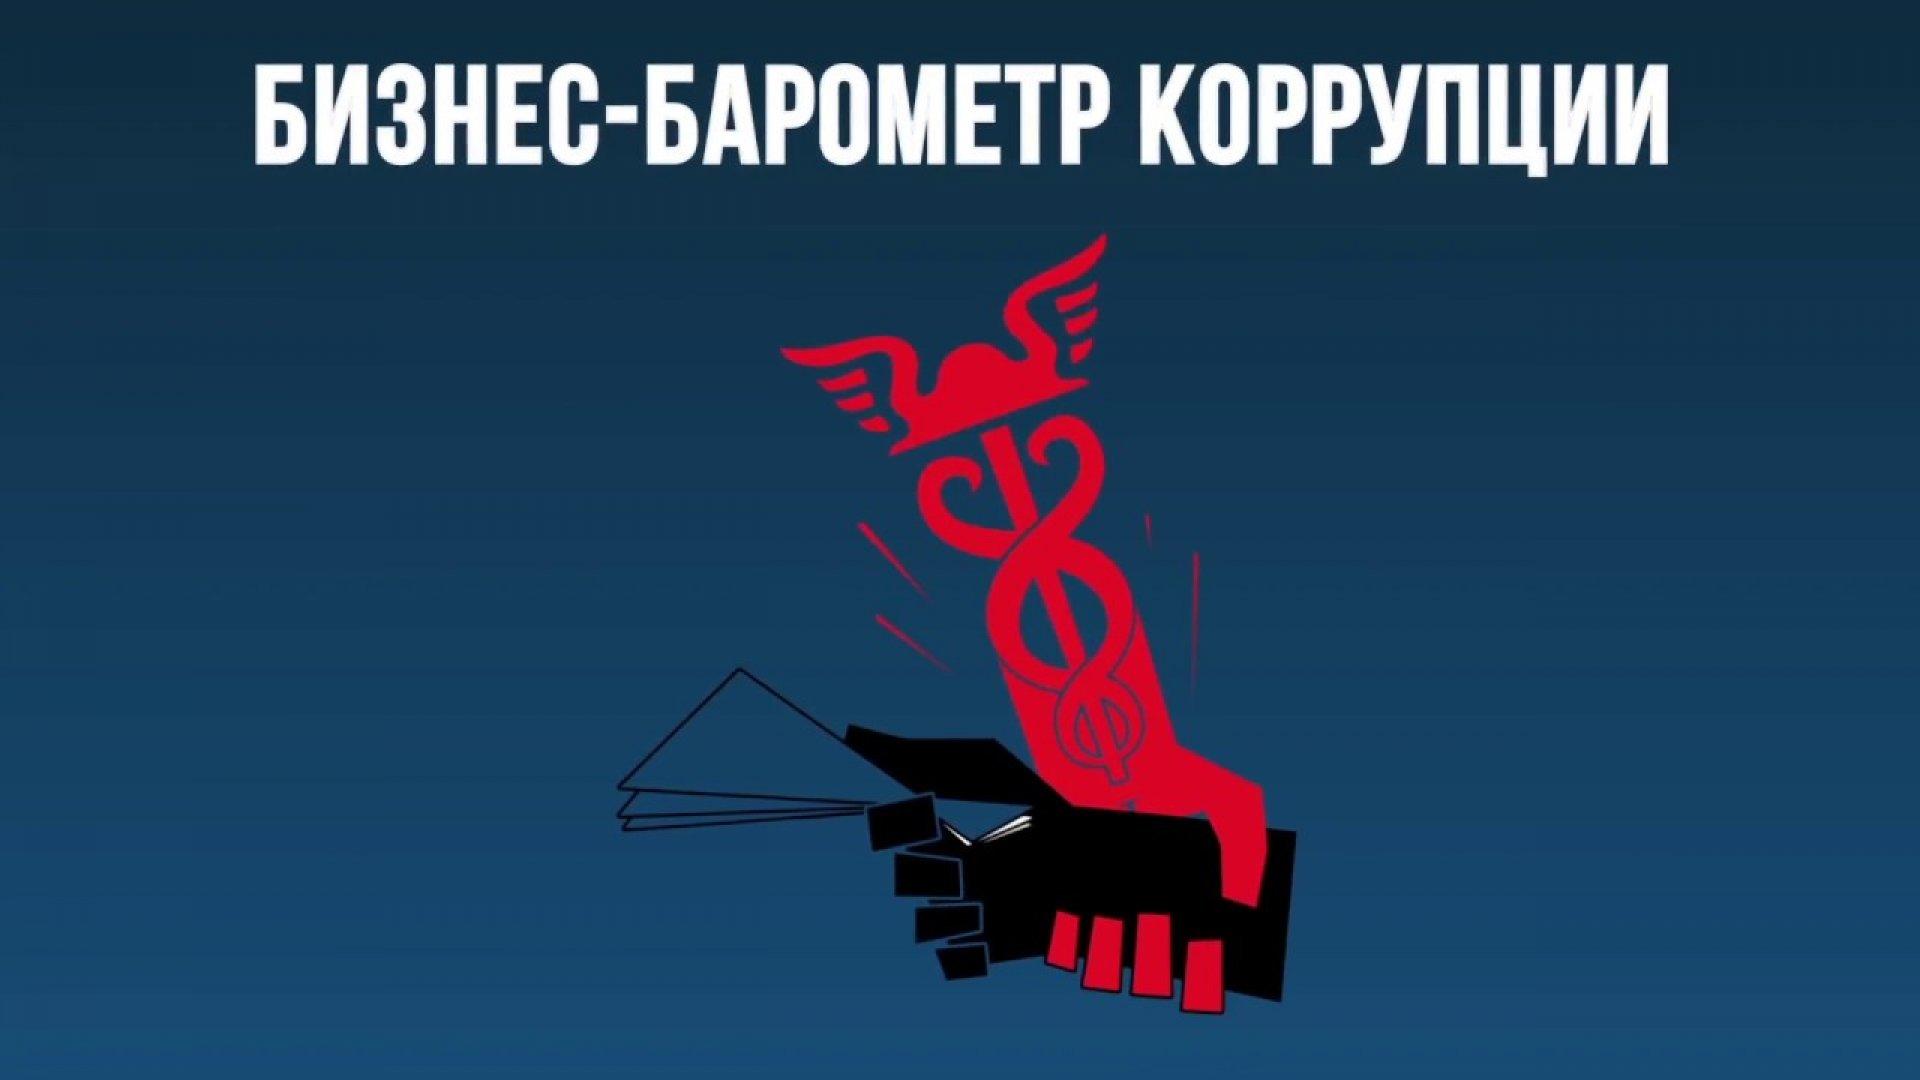 Что думаете о коррупции вы? Лидеры общественного мнения Ставрополья и предприниматели региона обратились к бизнесу